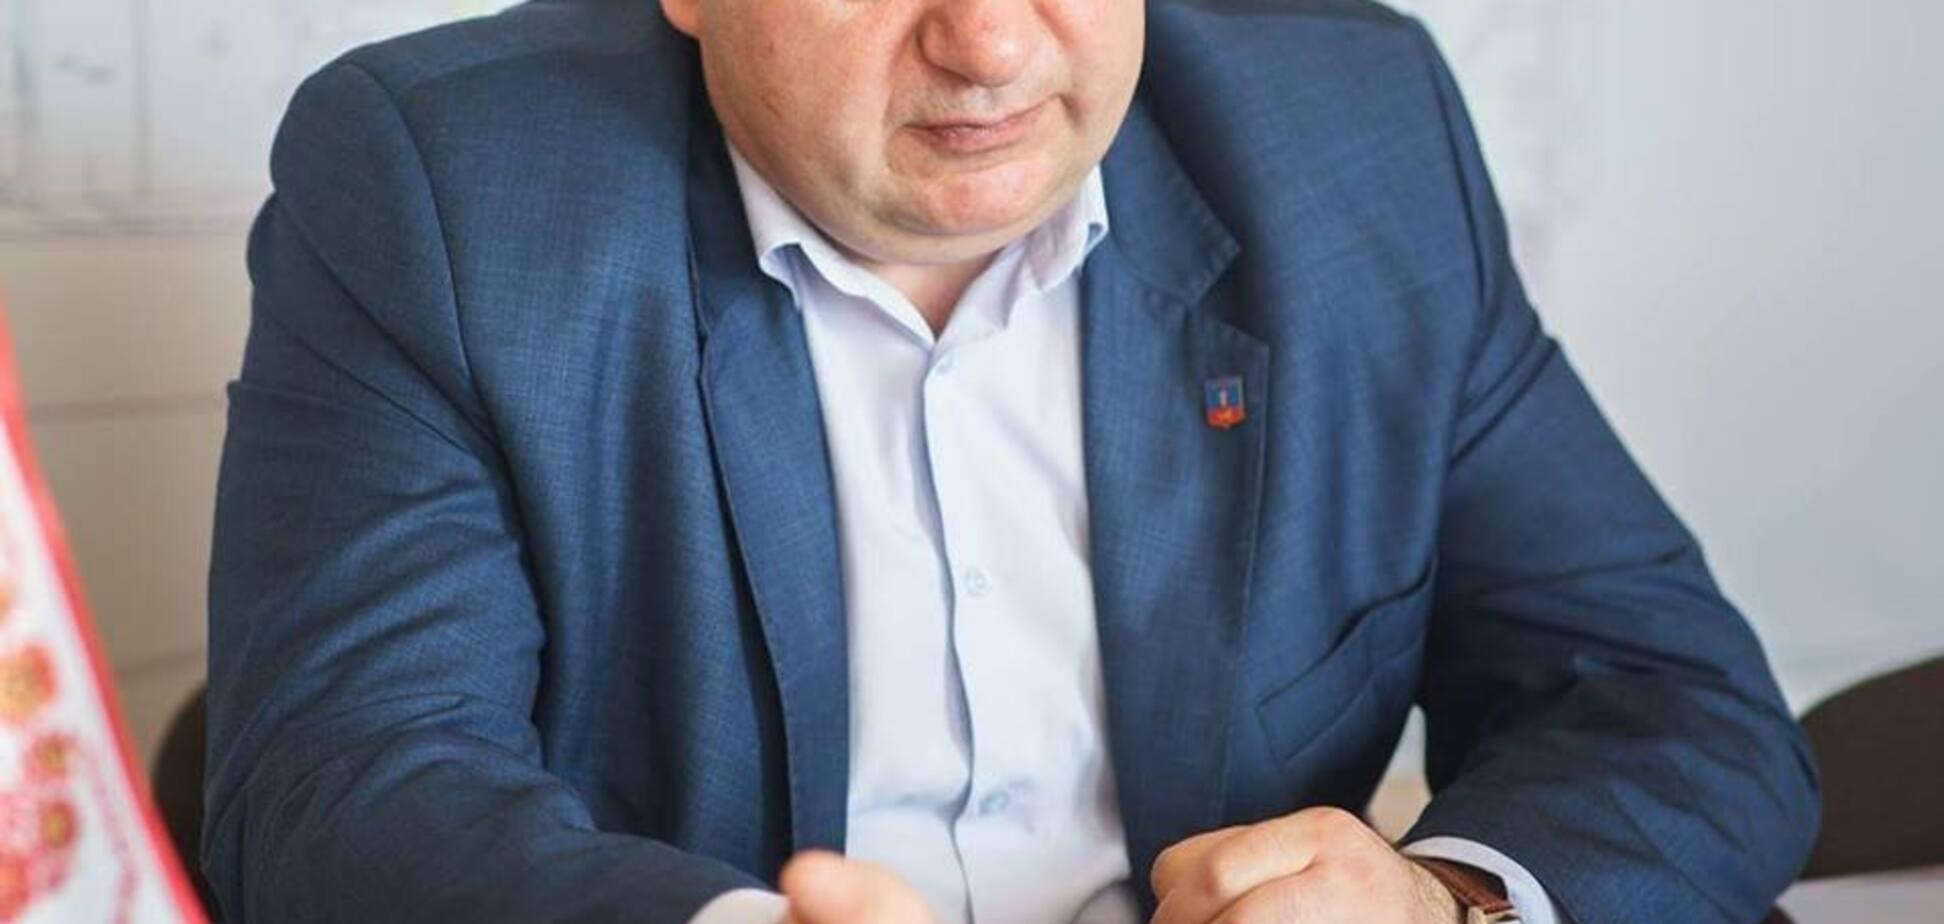 Намагається захопити владу: мера Черкас Бондаренка викрили в підступному плані